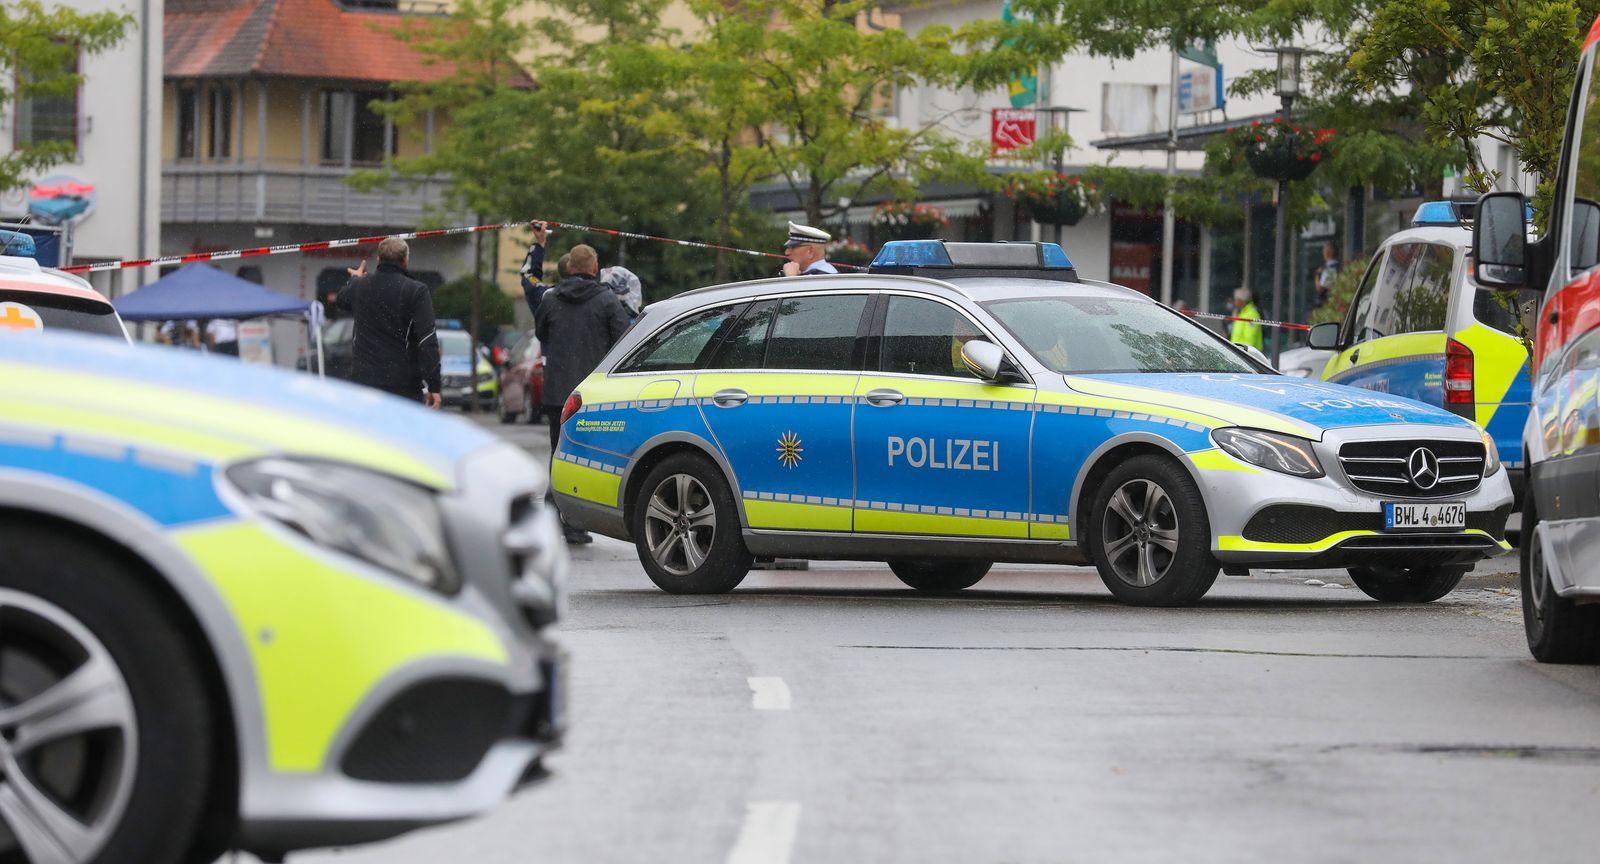 Schusswaffengebrauch durch Polizei